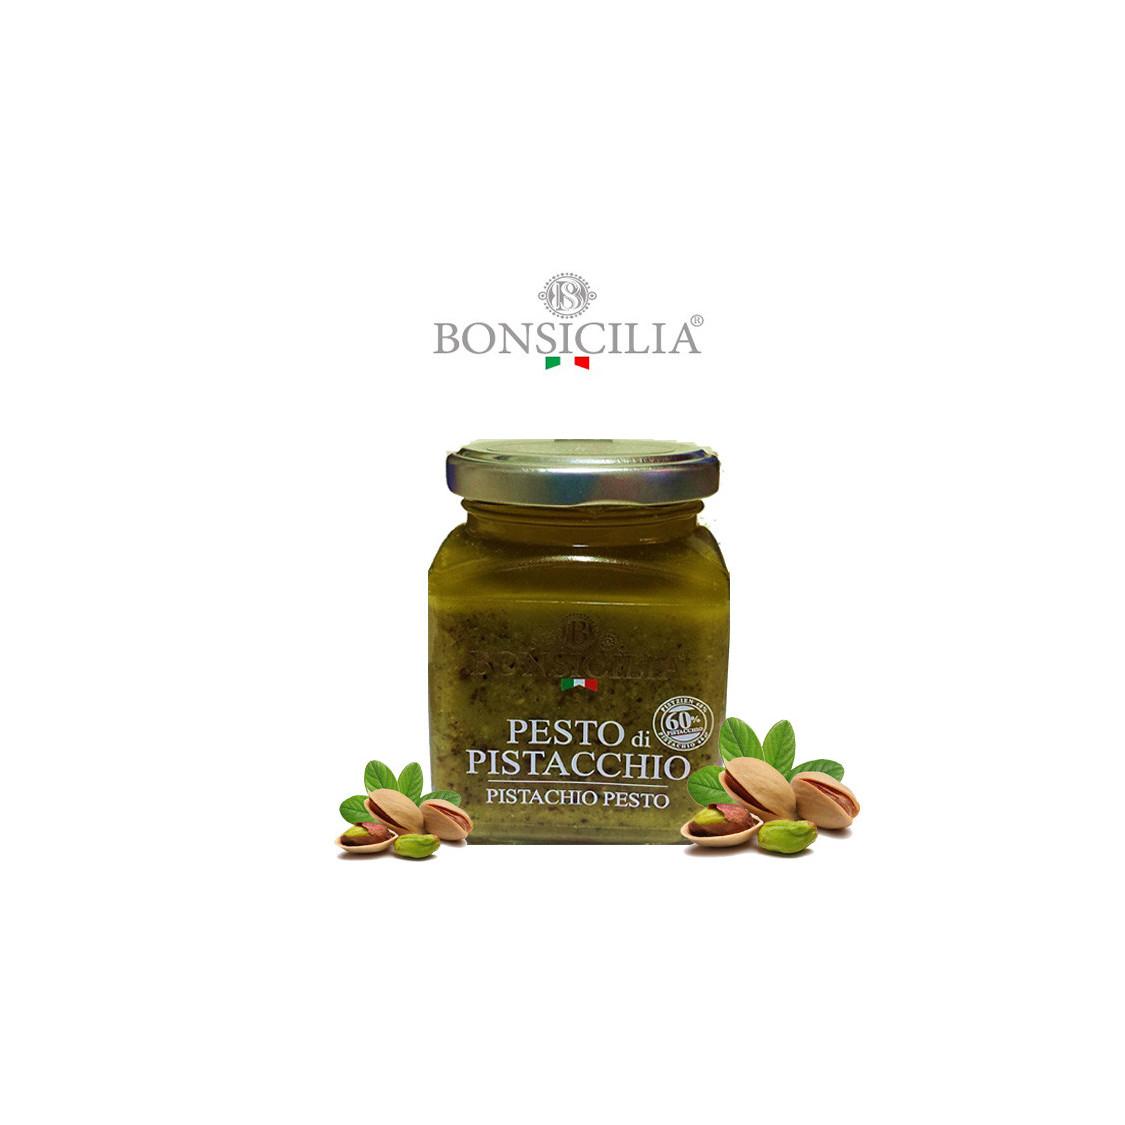 BONSICILIA - Pesto di Pistacchio - 190 gr